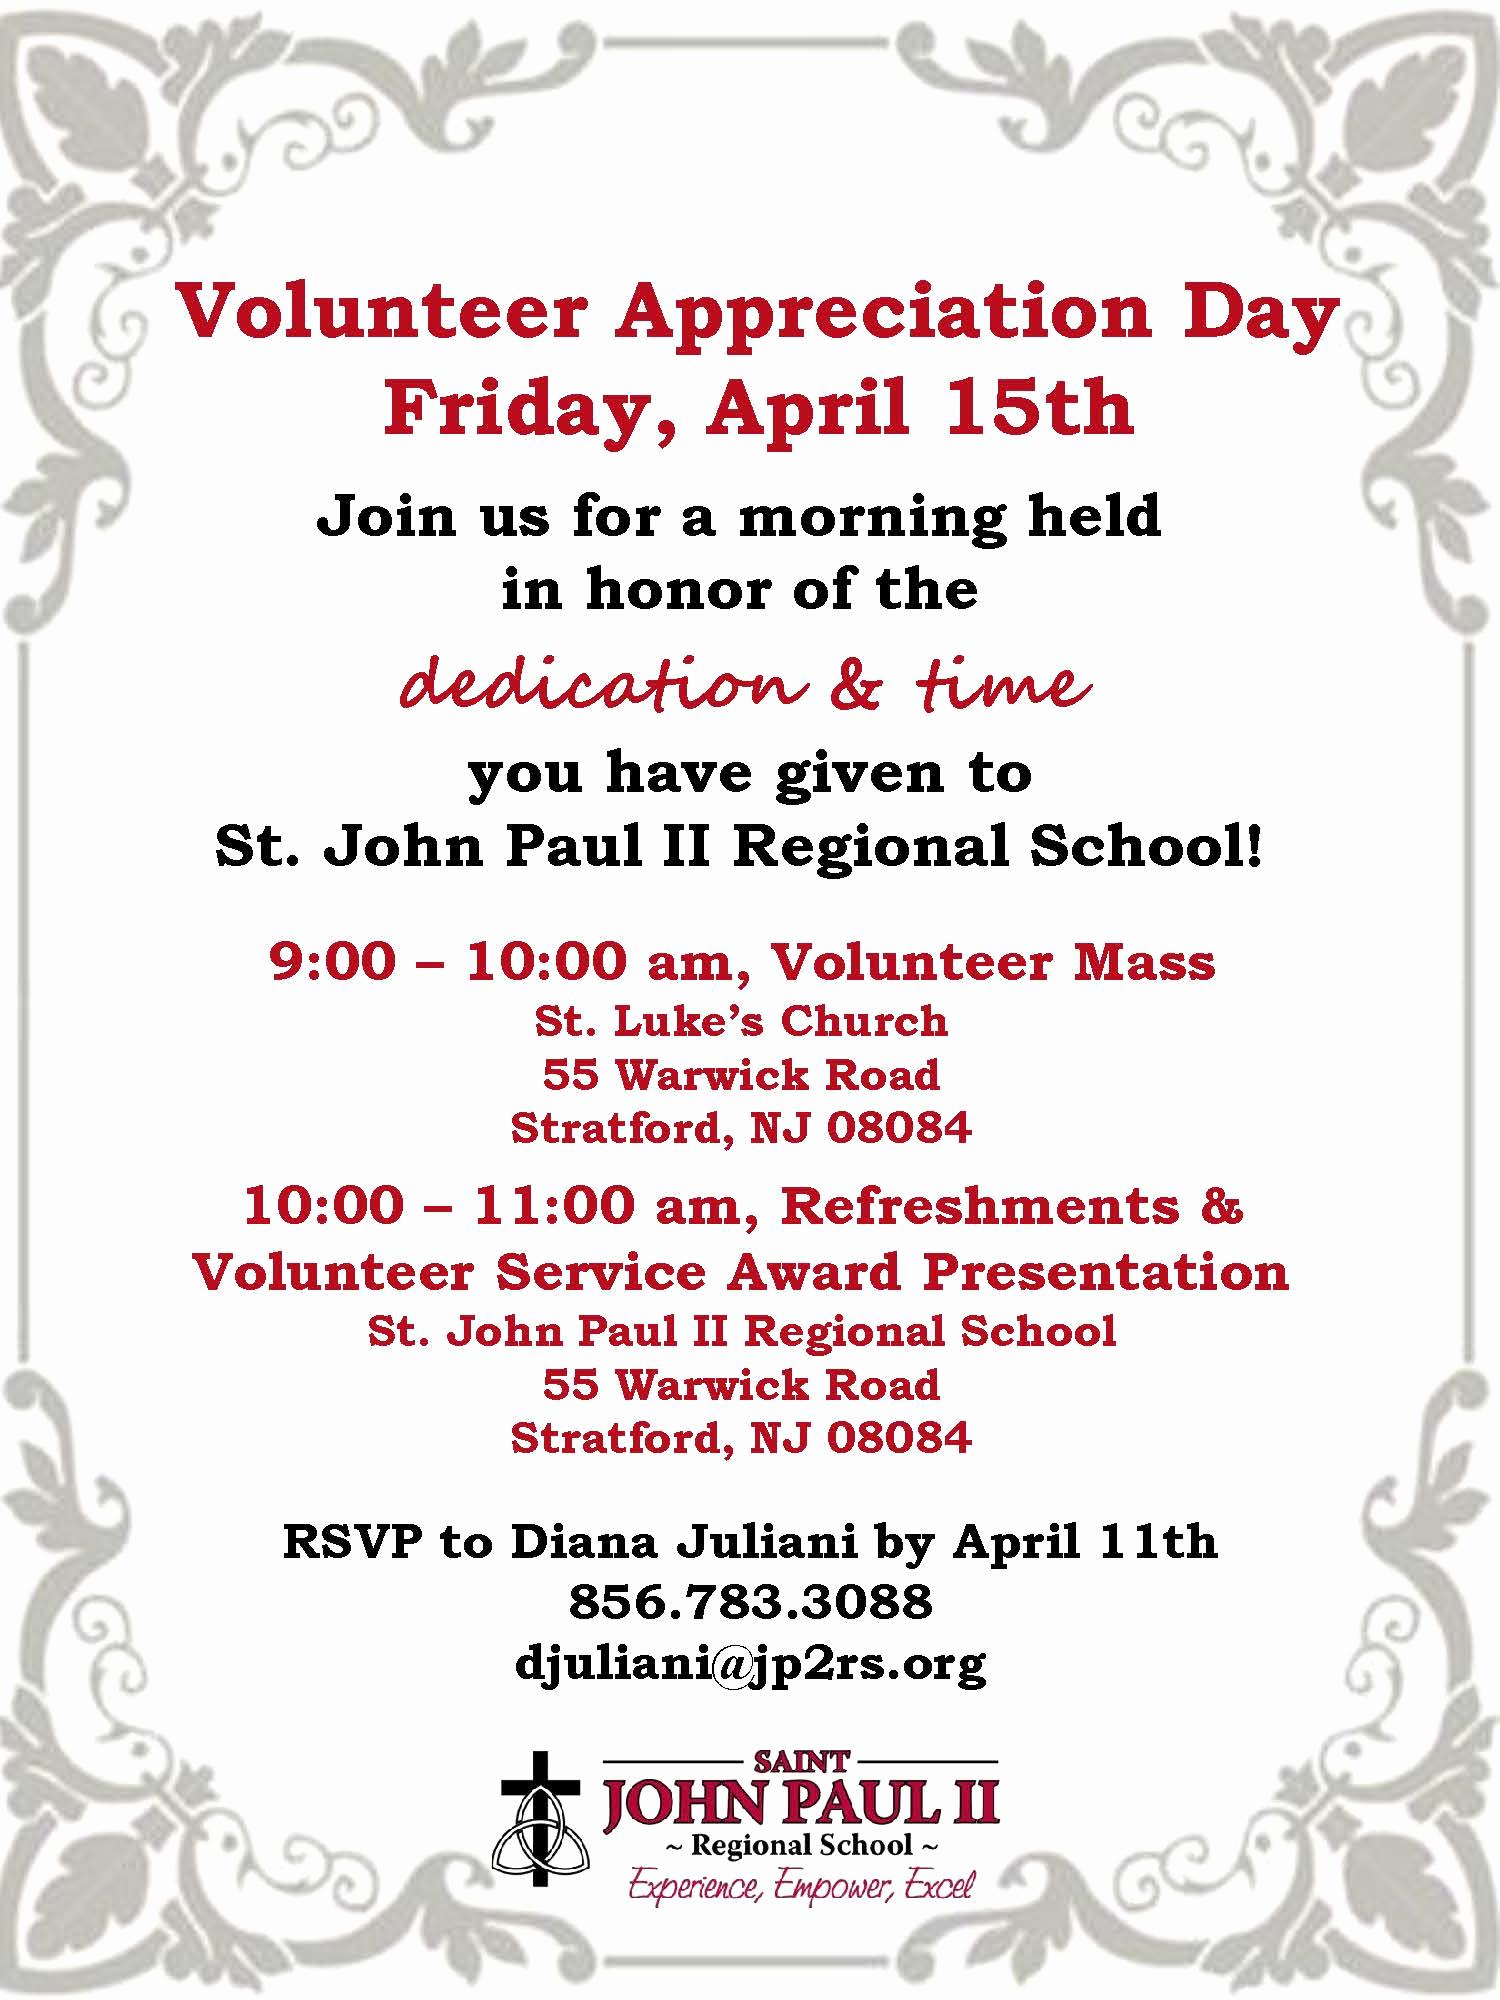 Volunteer Appreciation Invitation Wording Lovely Volunteer Invite 2016 – St John Paul Ii Regional School